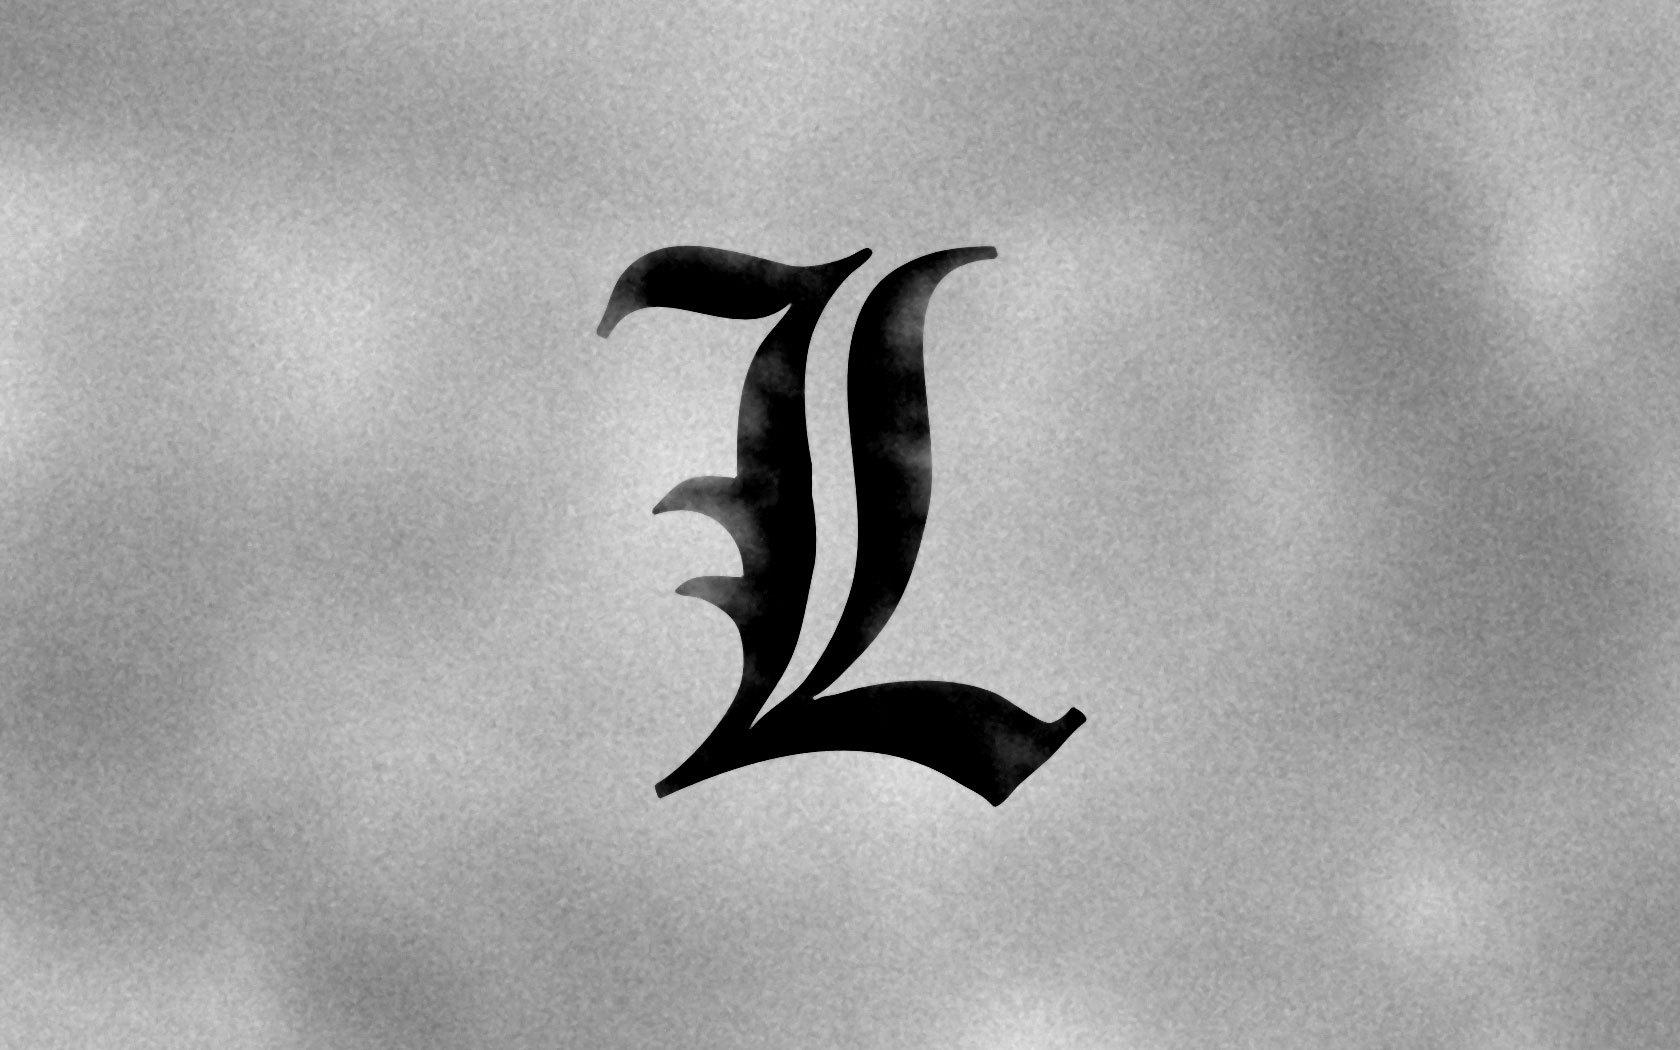 16870 скачать обои Аниме, Логотипы - заставки и картинки бесплатно